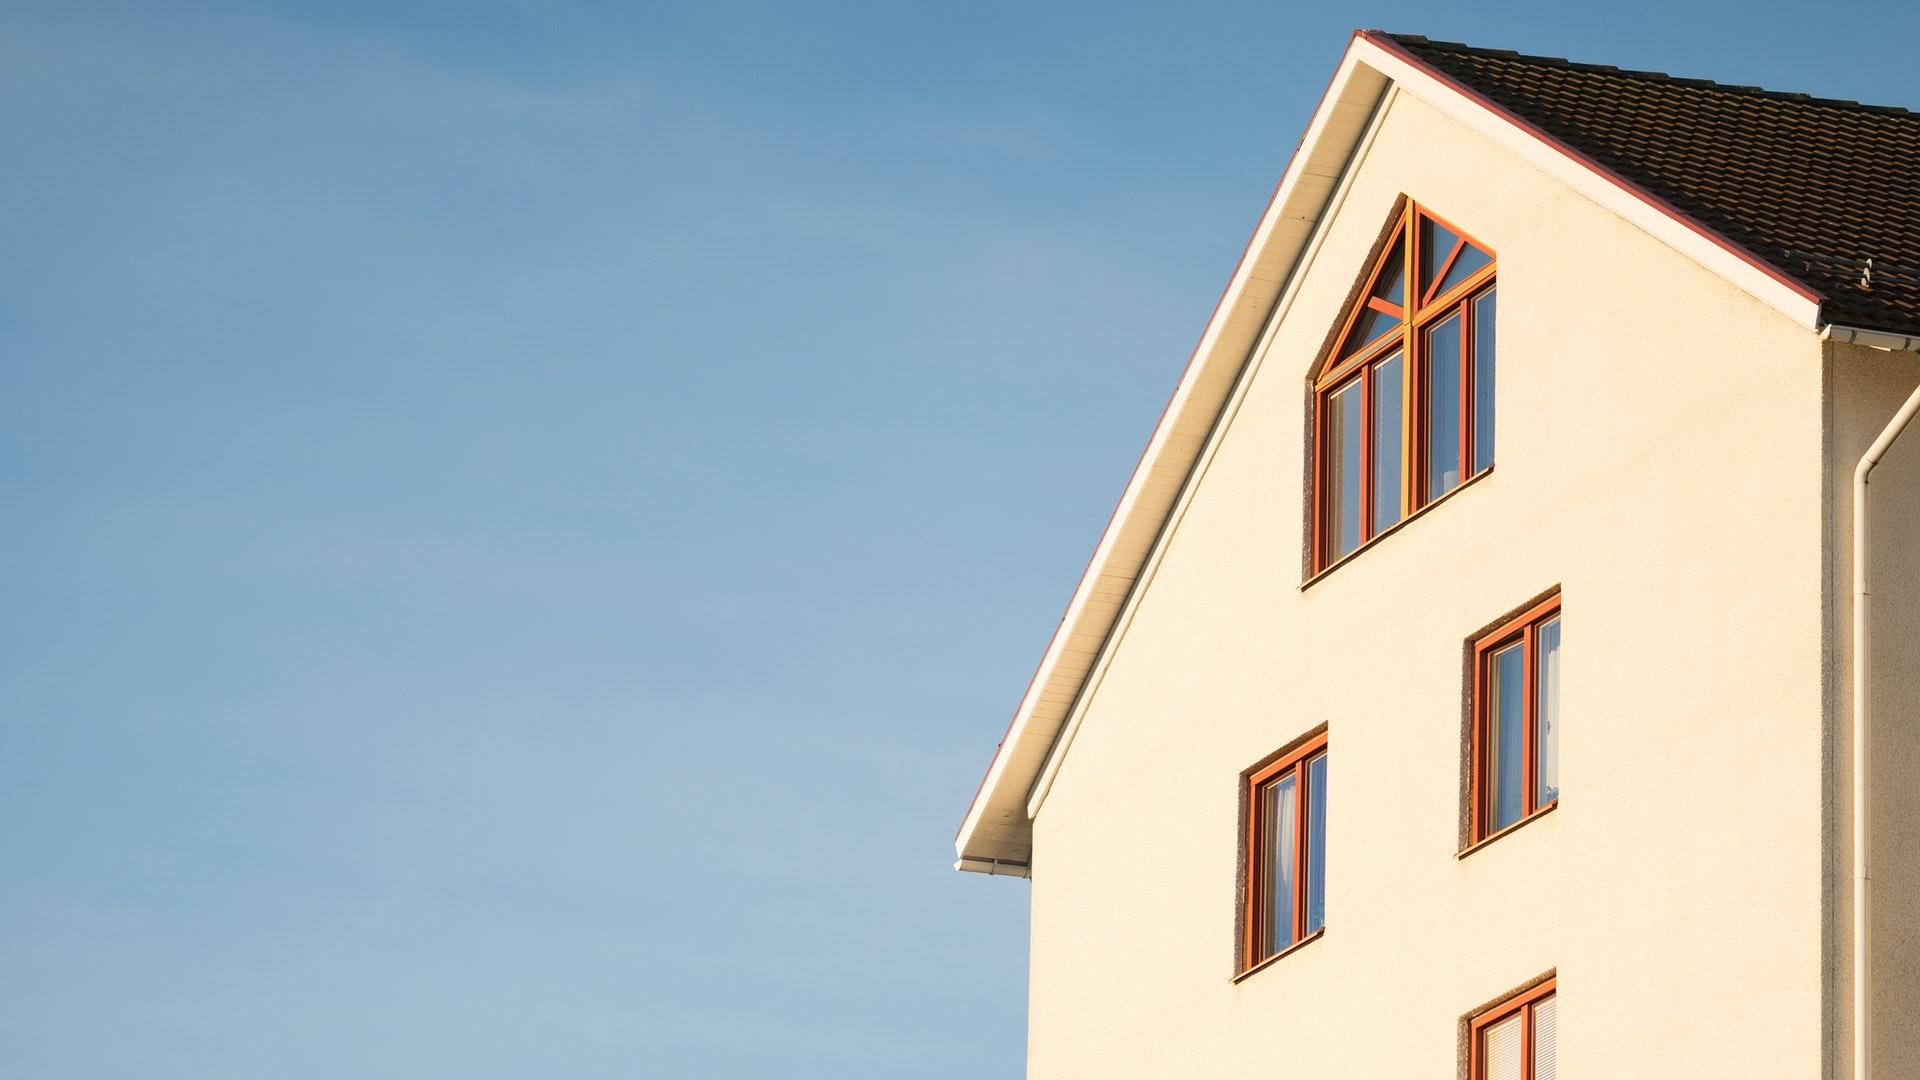 任意整理をしたら住宅ローンはどうなる?審査時のコツや注意点も解説